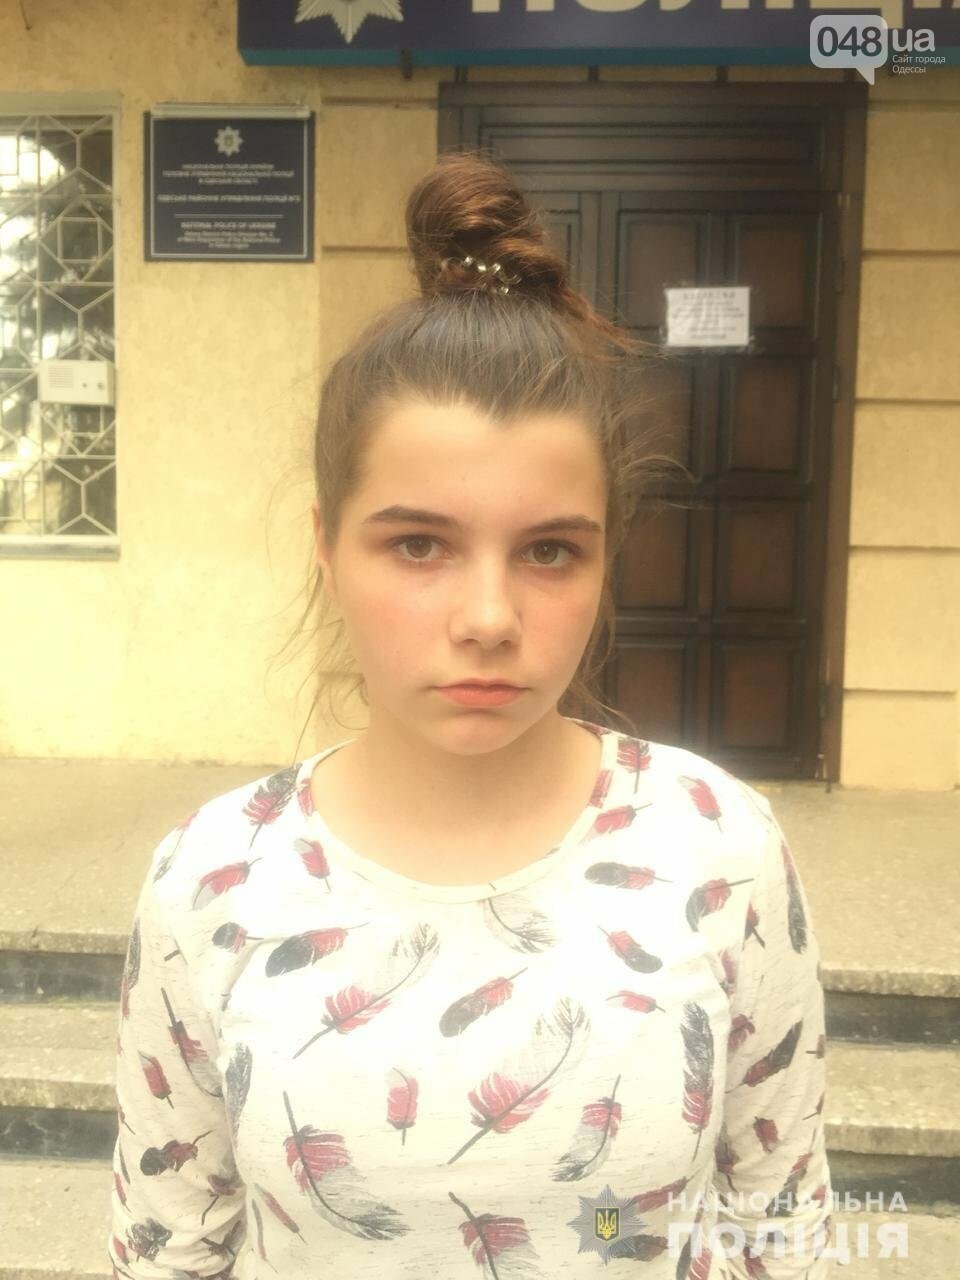 В Одессе разыскивают сбежавшую из больницы девушку с шрамами на руках, - ФОТО, фото-1